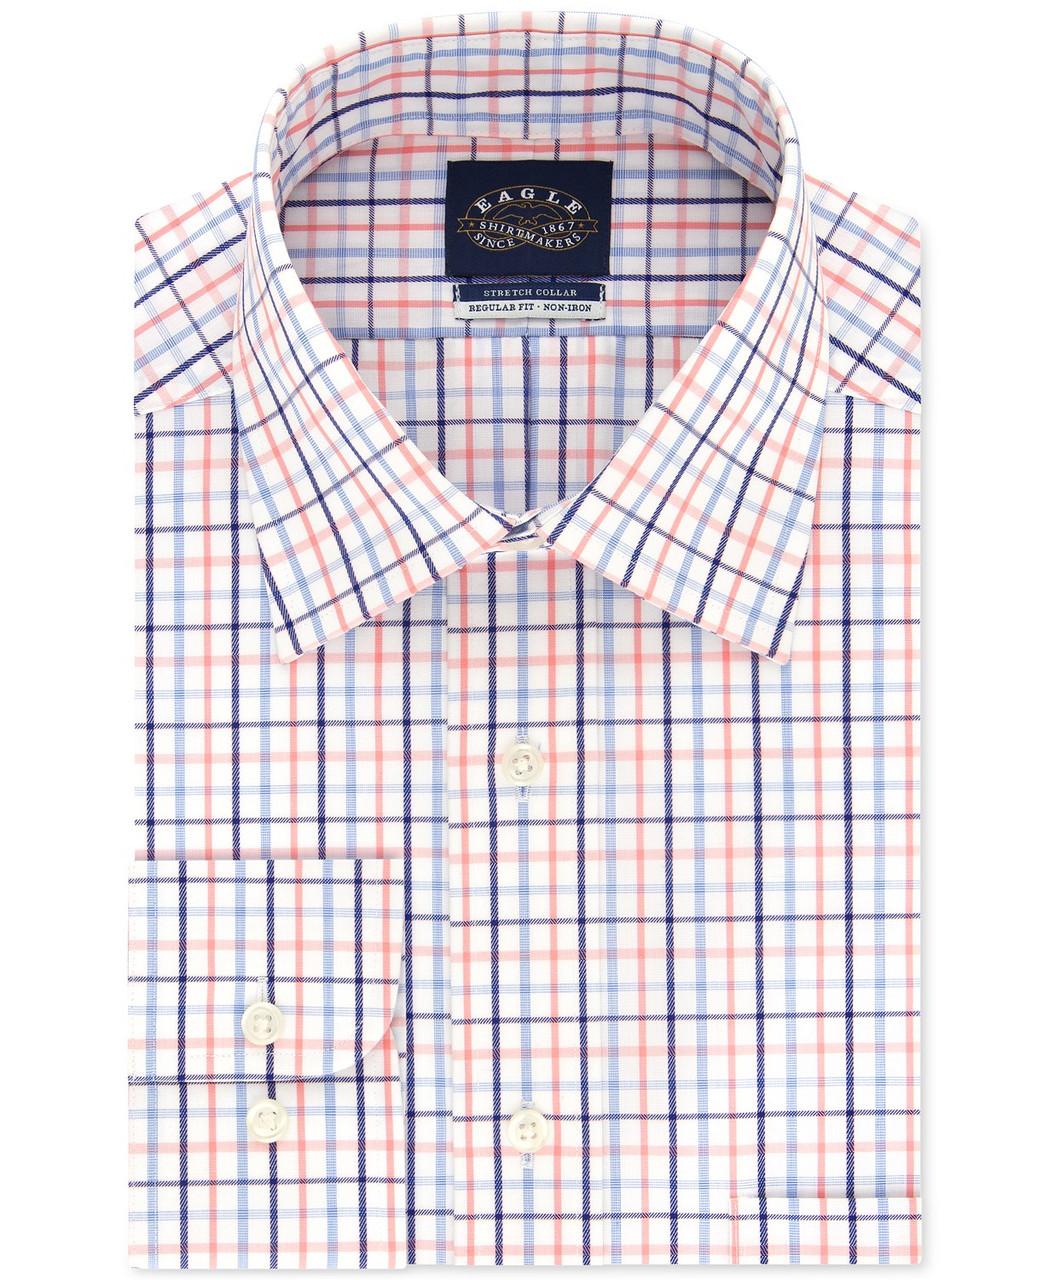 Eagle Мужская рубашка - Е2